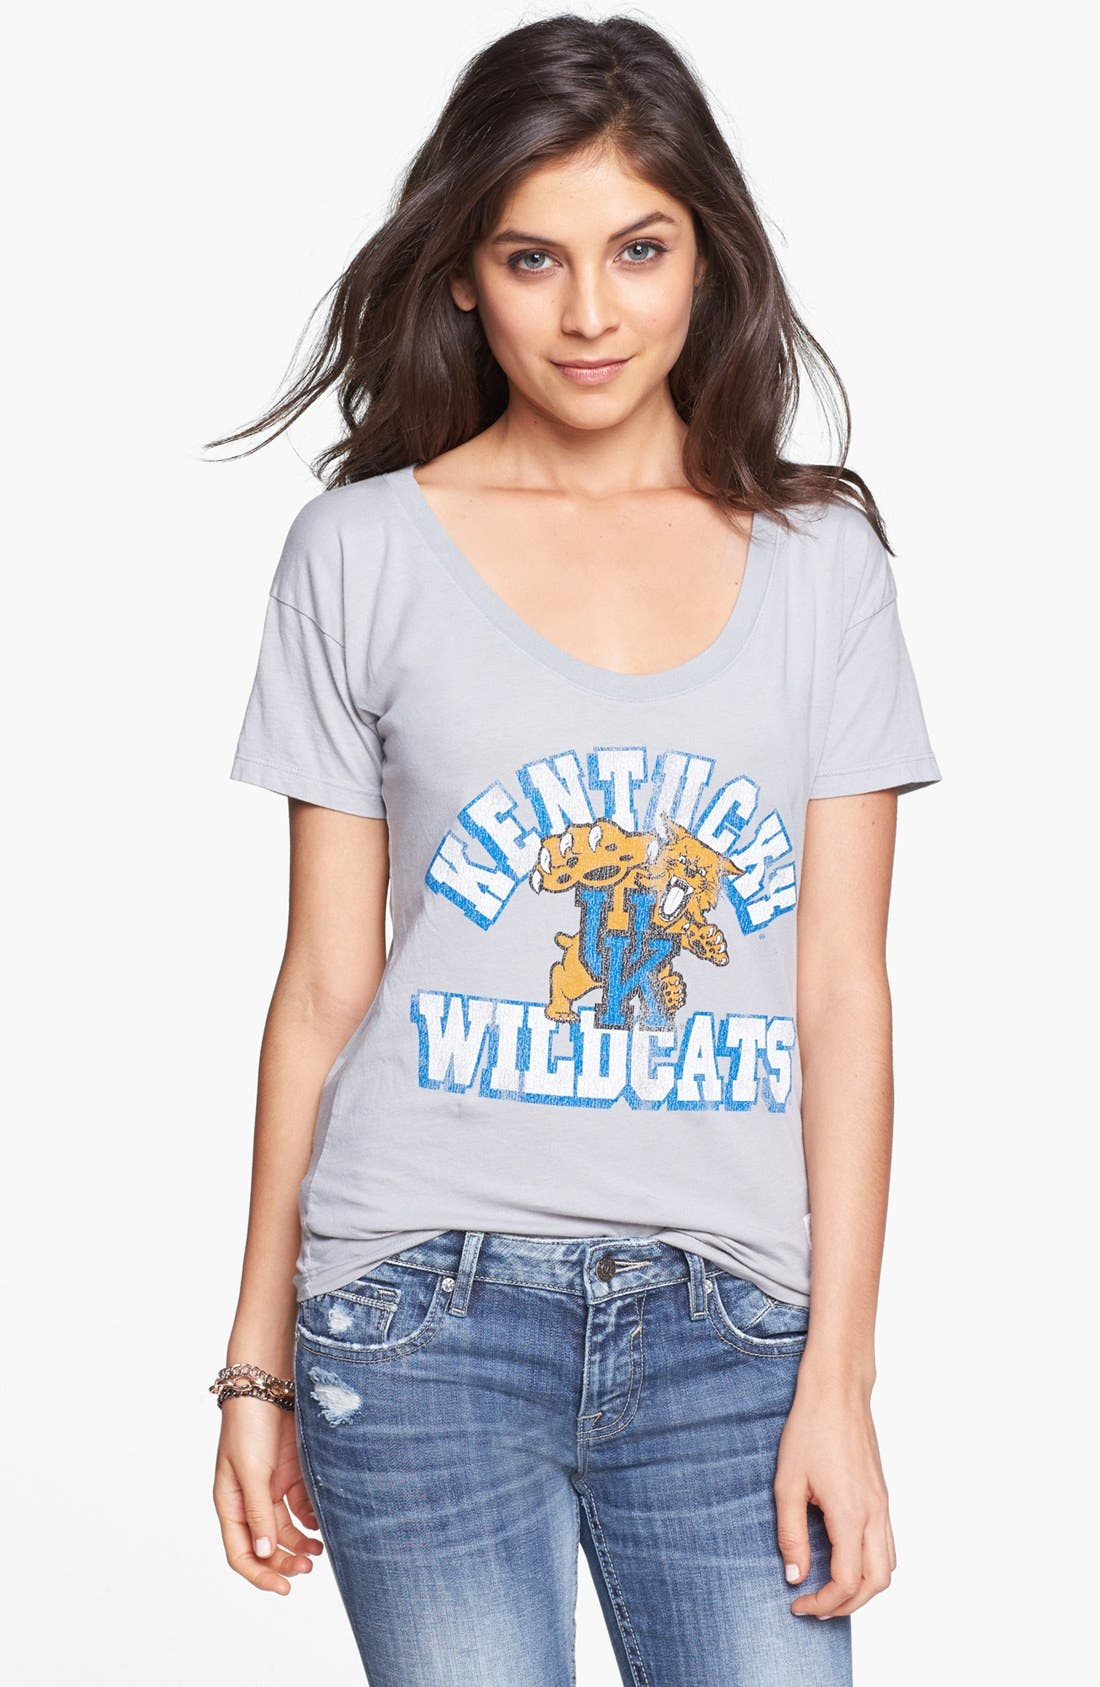 Main Image - Retro Brand 'University of Kentucky Wildcats' Graphic Tee (Juniors)